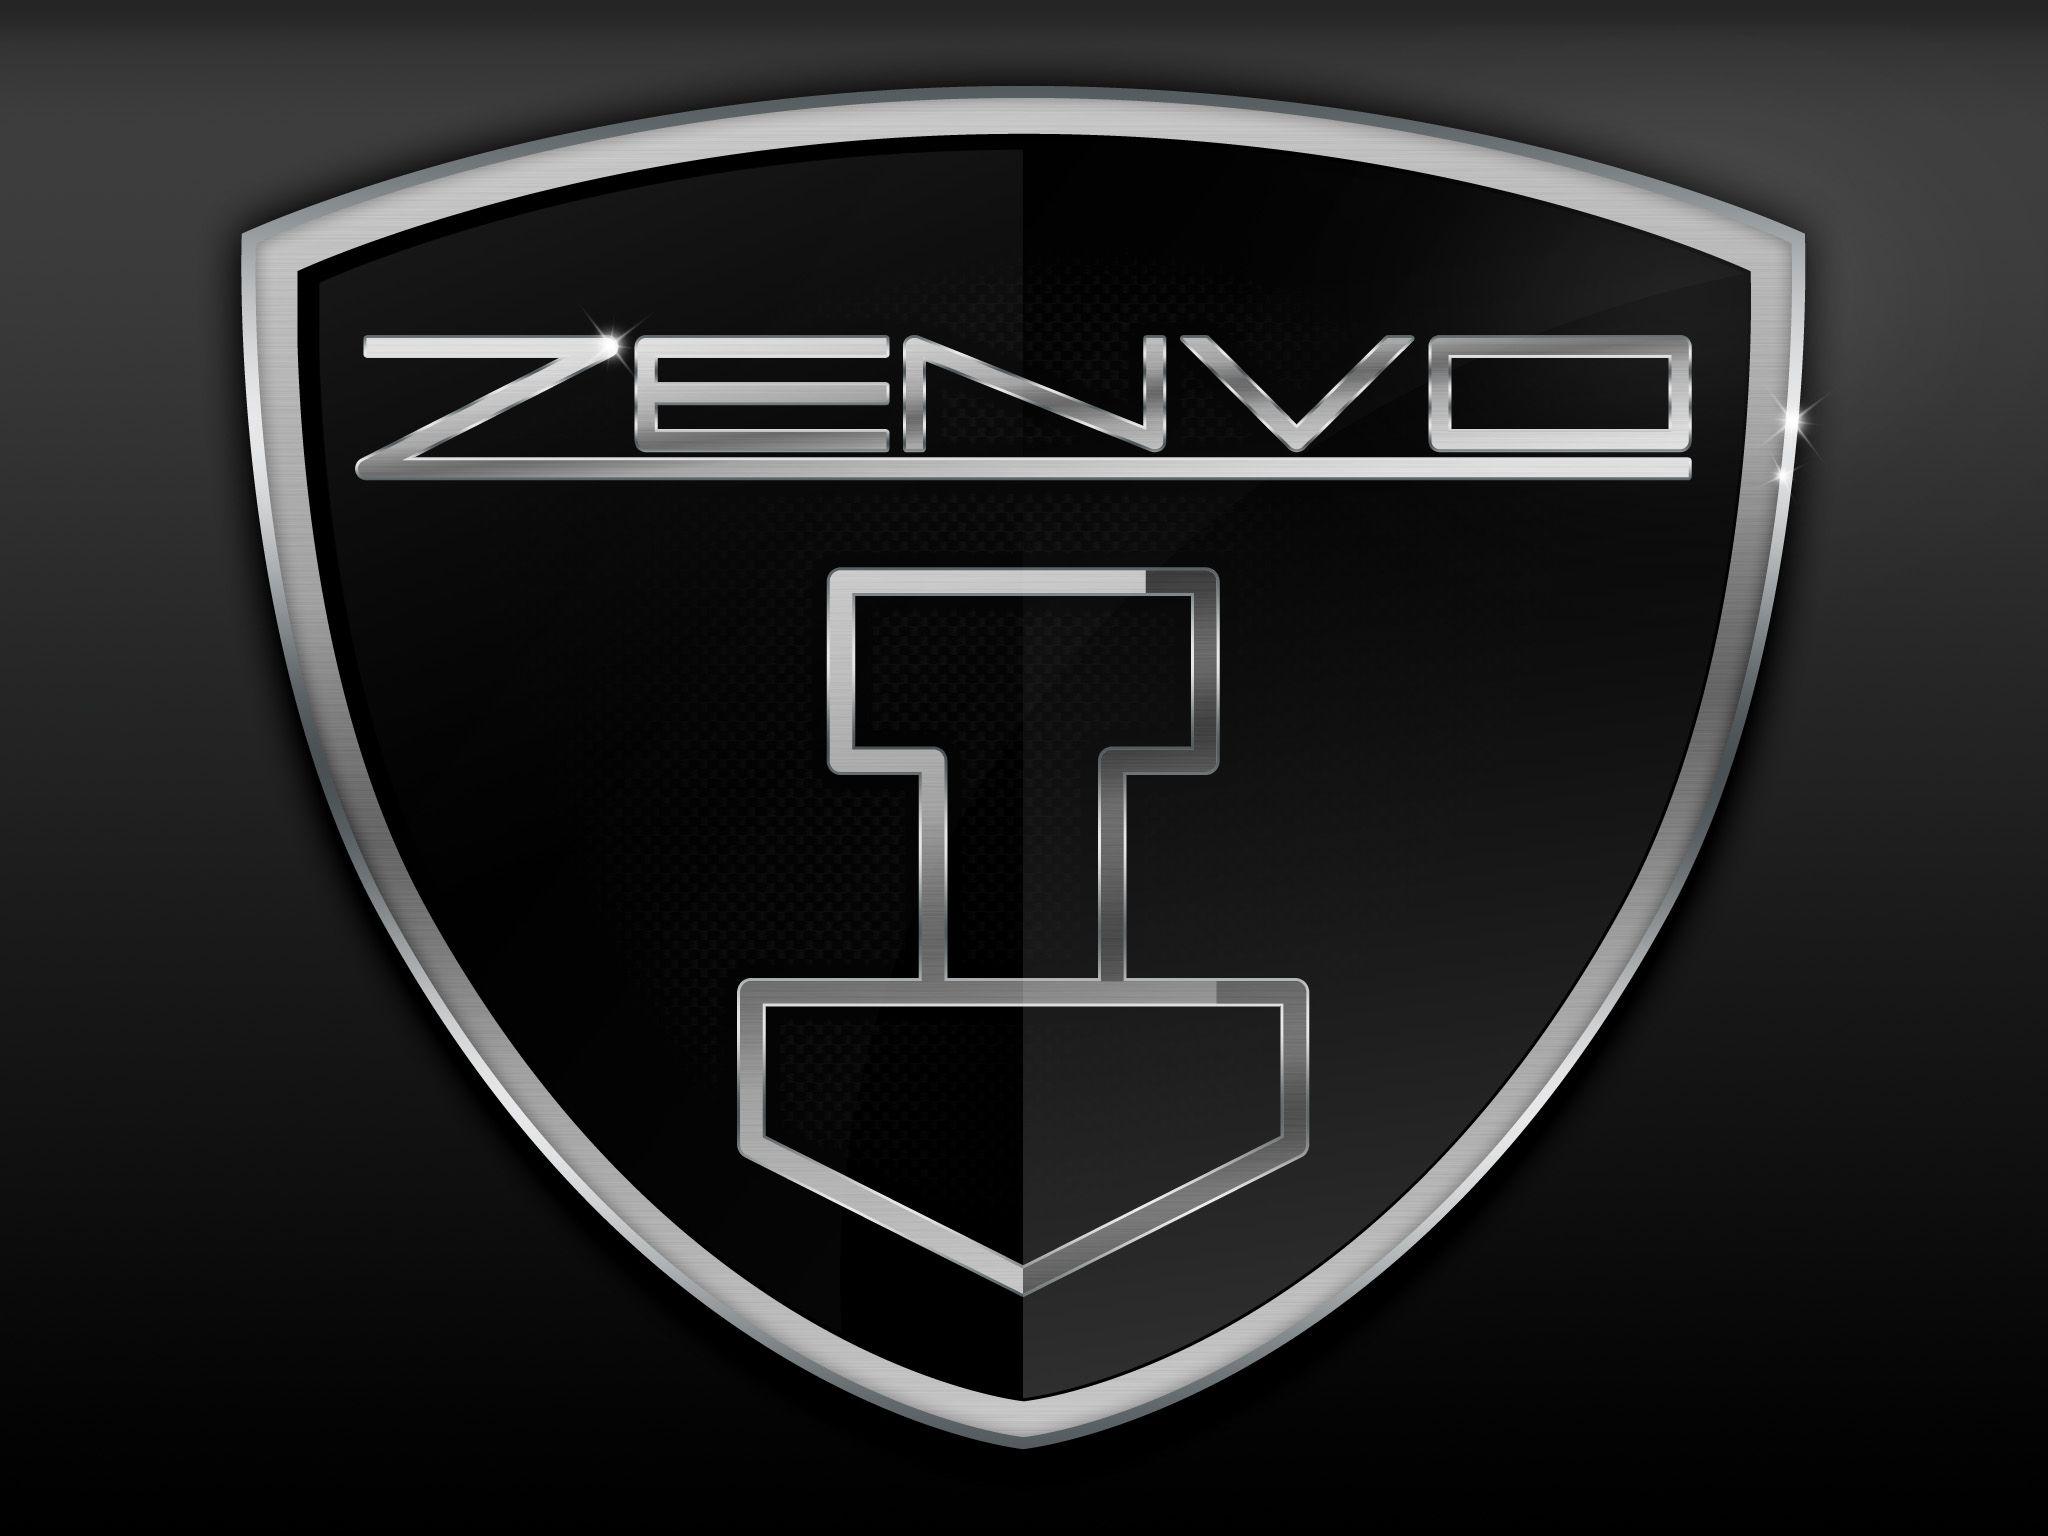 ZENVO Logo Hd Google Search Zenvo Pinterest Logos Car - Car sign with namescar logos and names cars pinterest car logos cars and